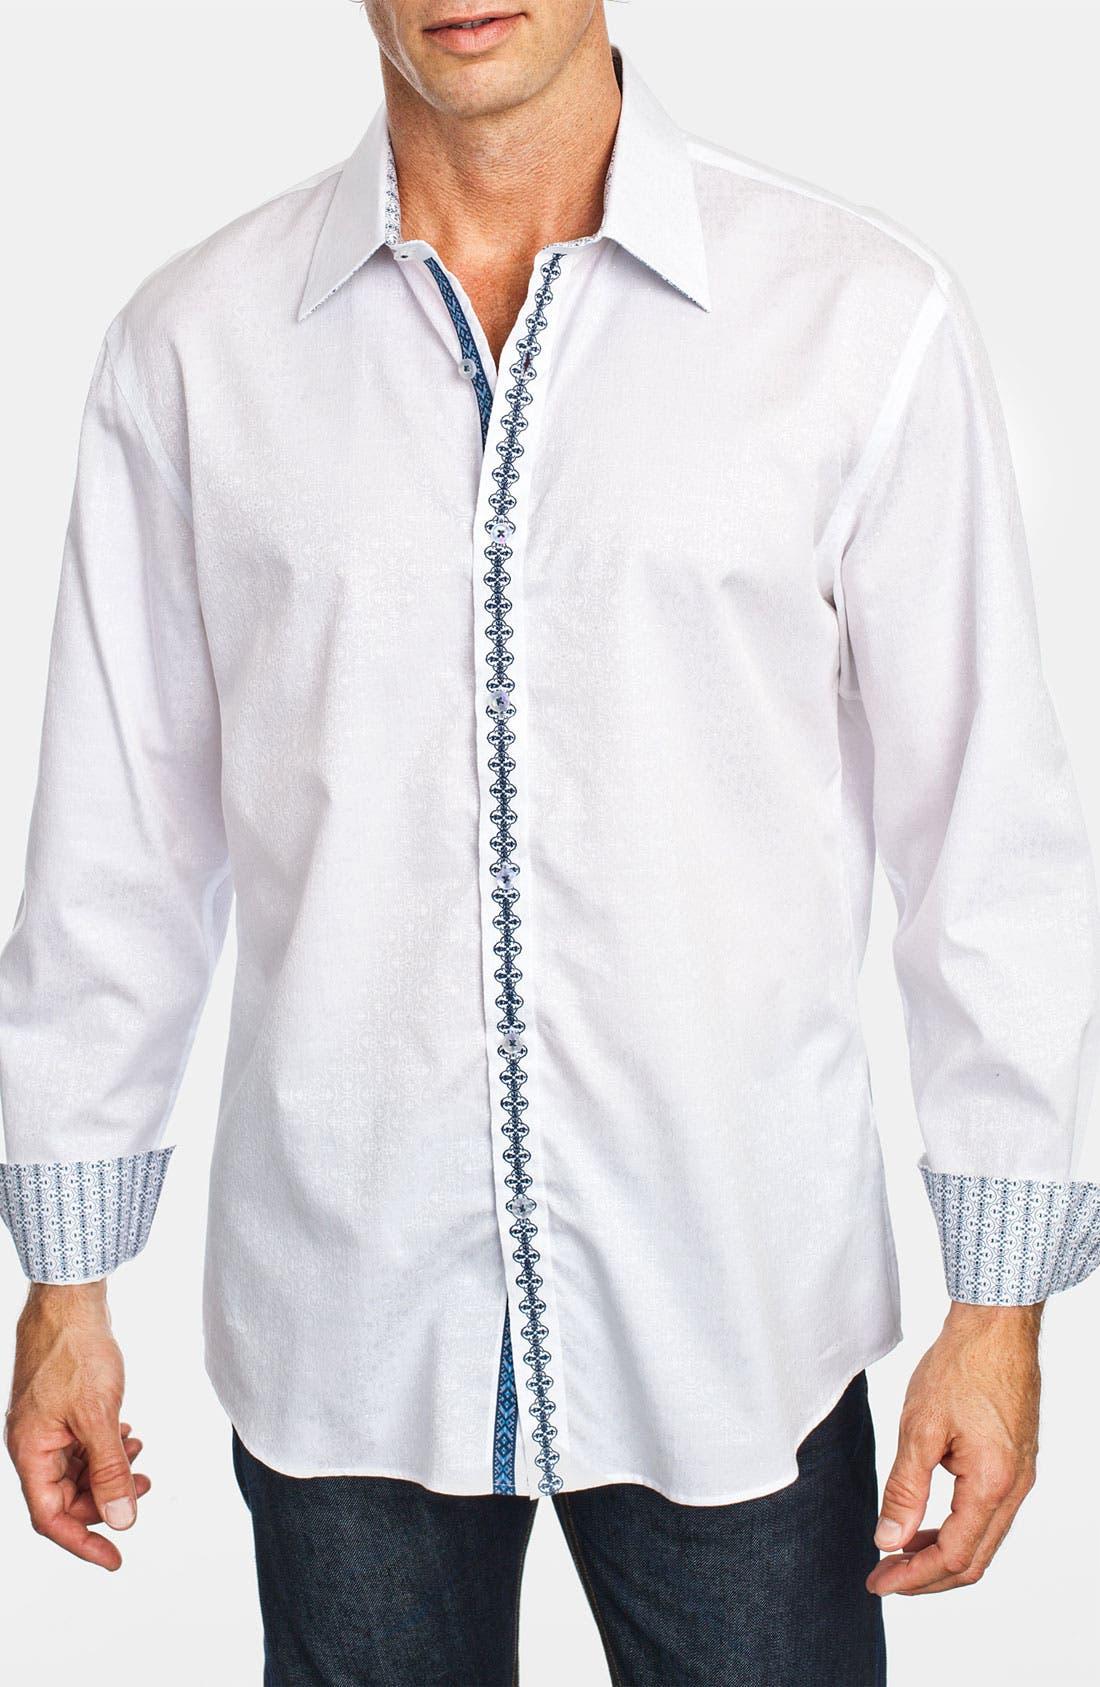 Main Image - Zagiri 'Coming Home' Sport Shirt